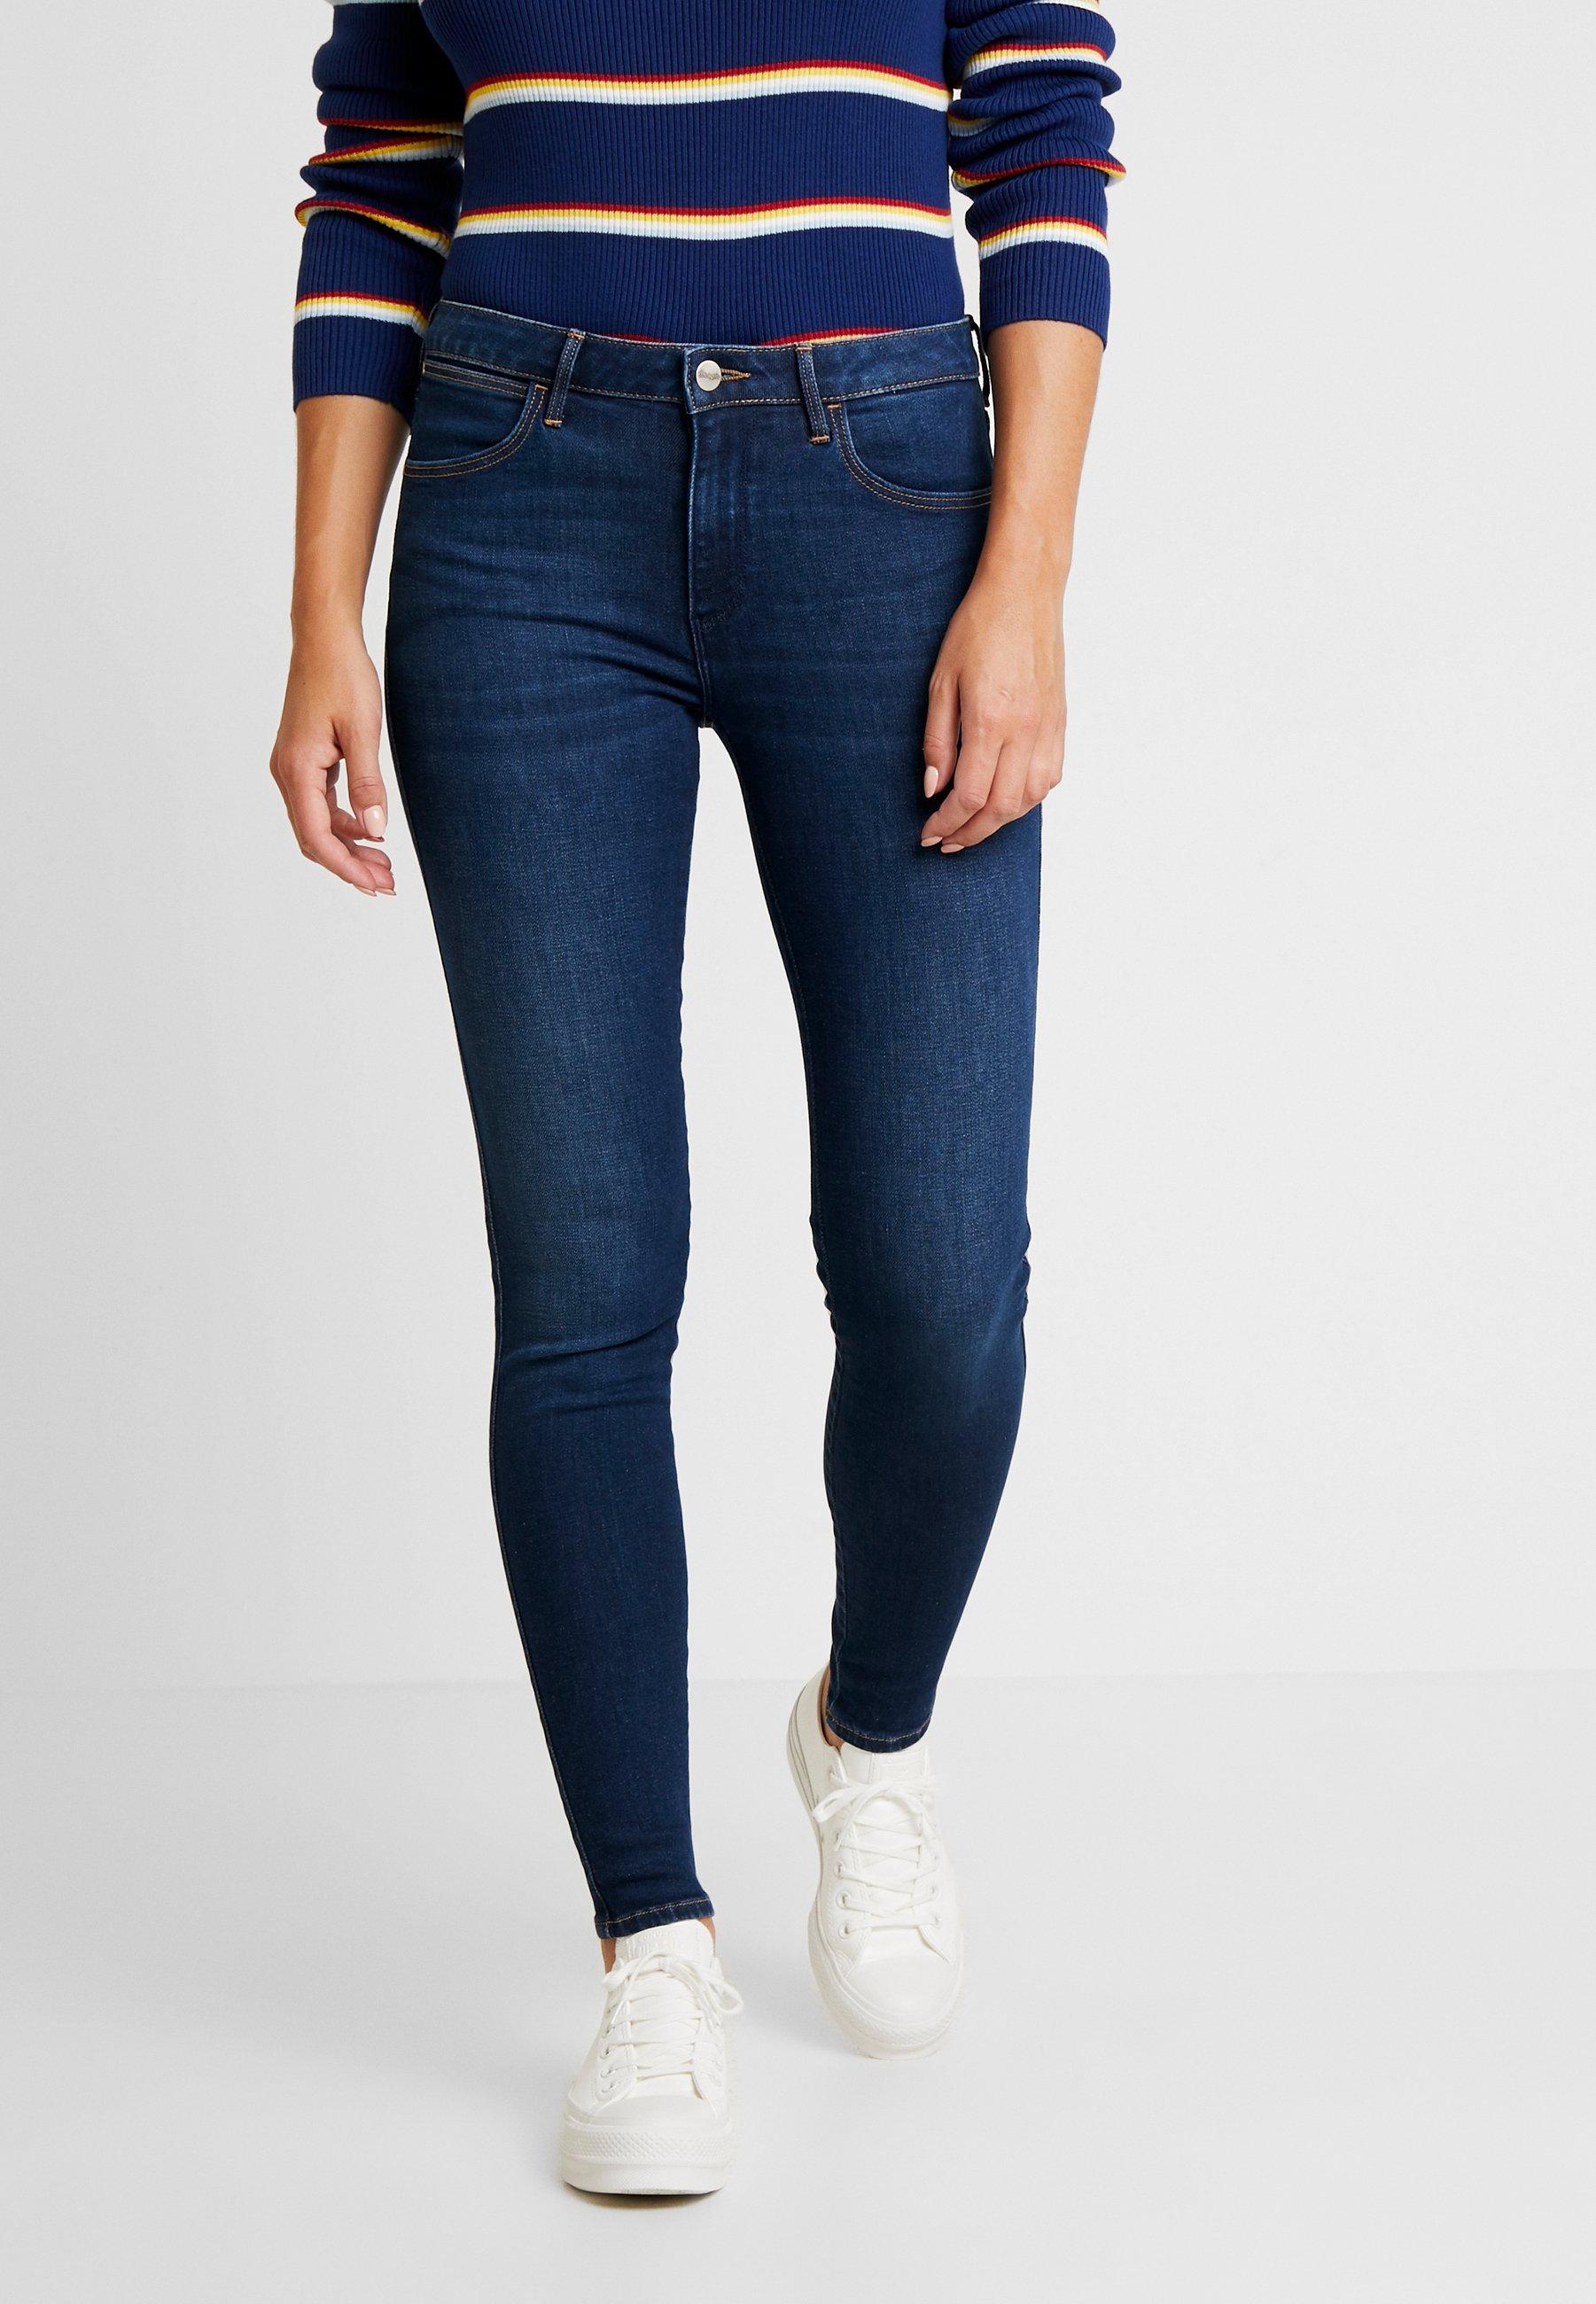 Wrangler Jeans Skinny Fit dark indigo